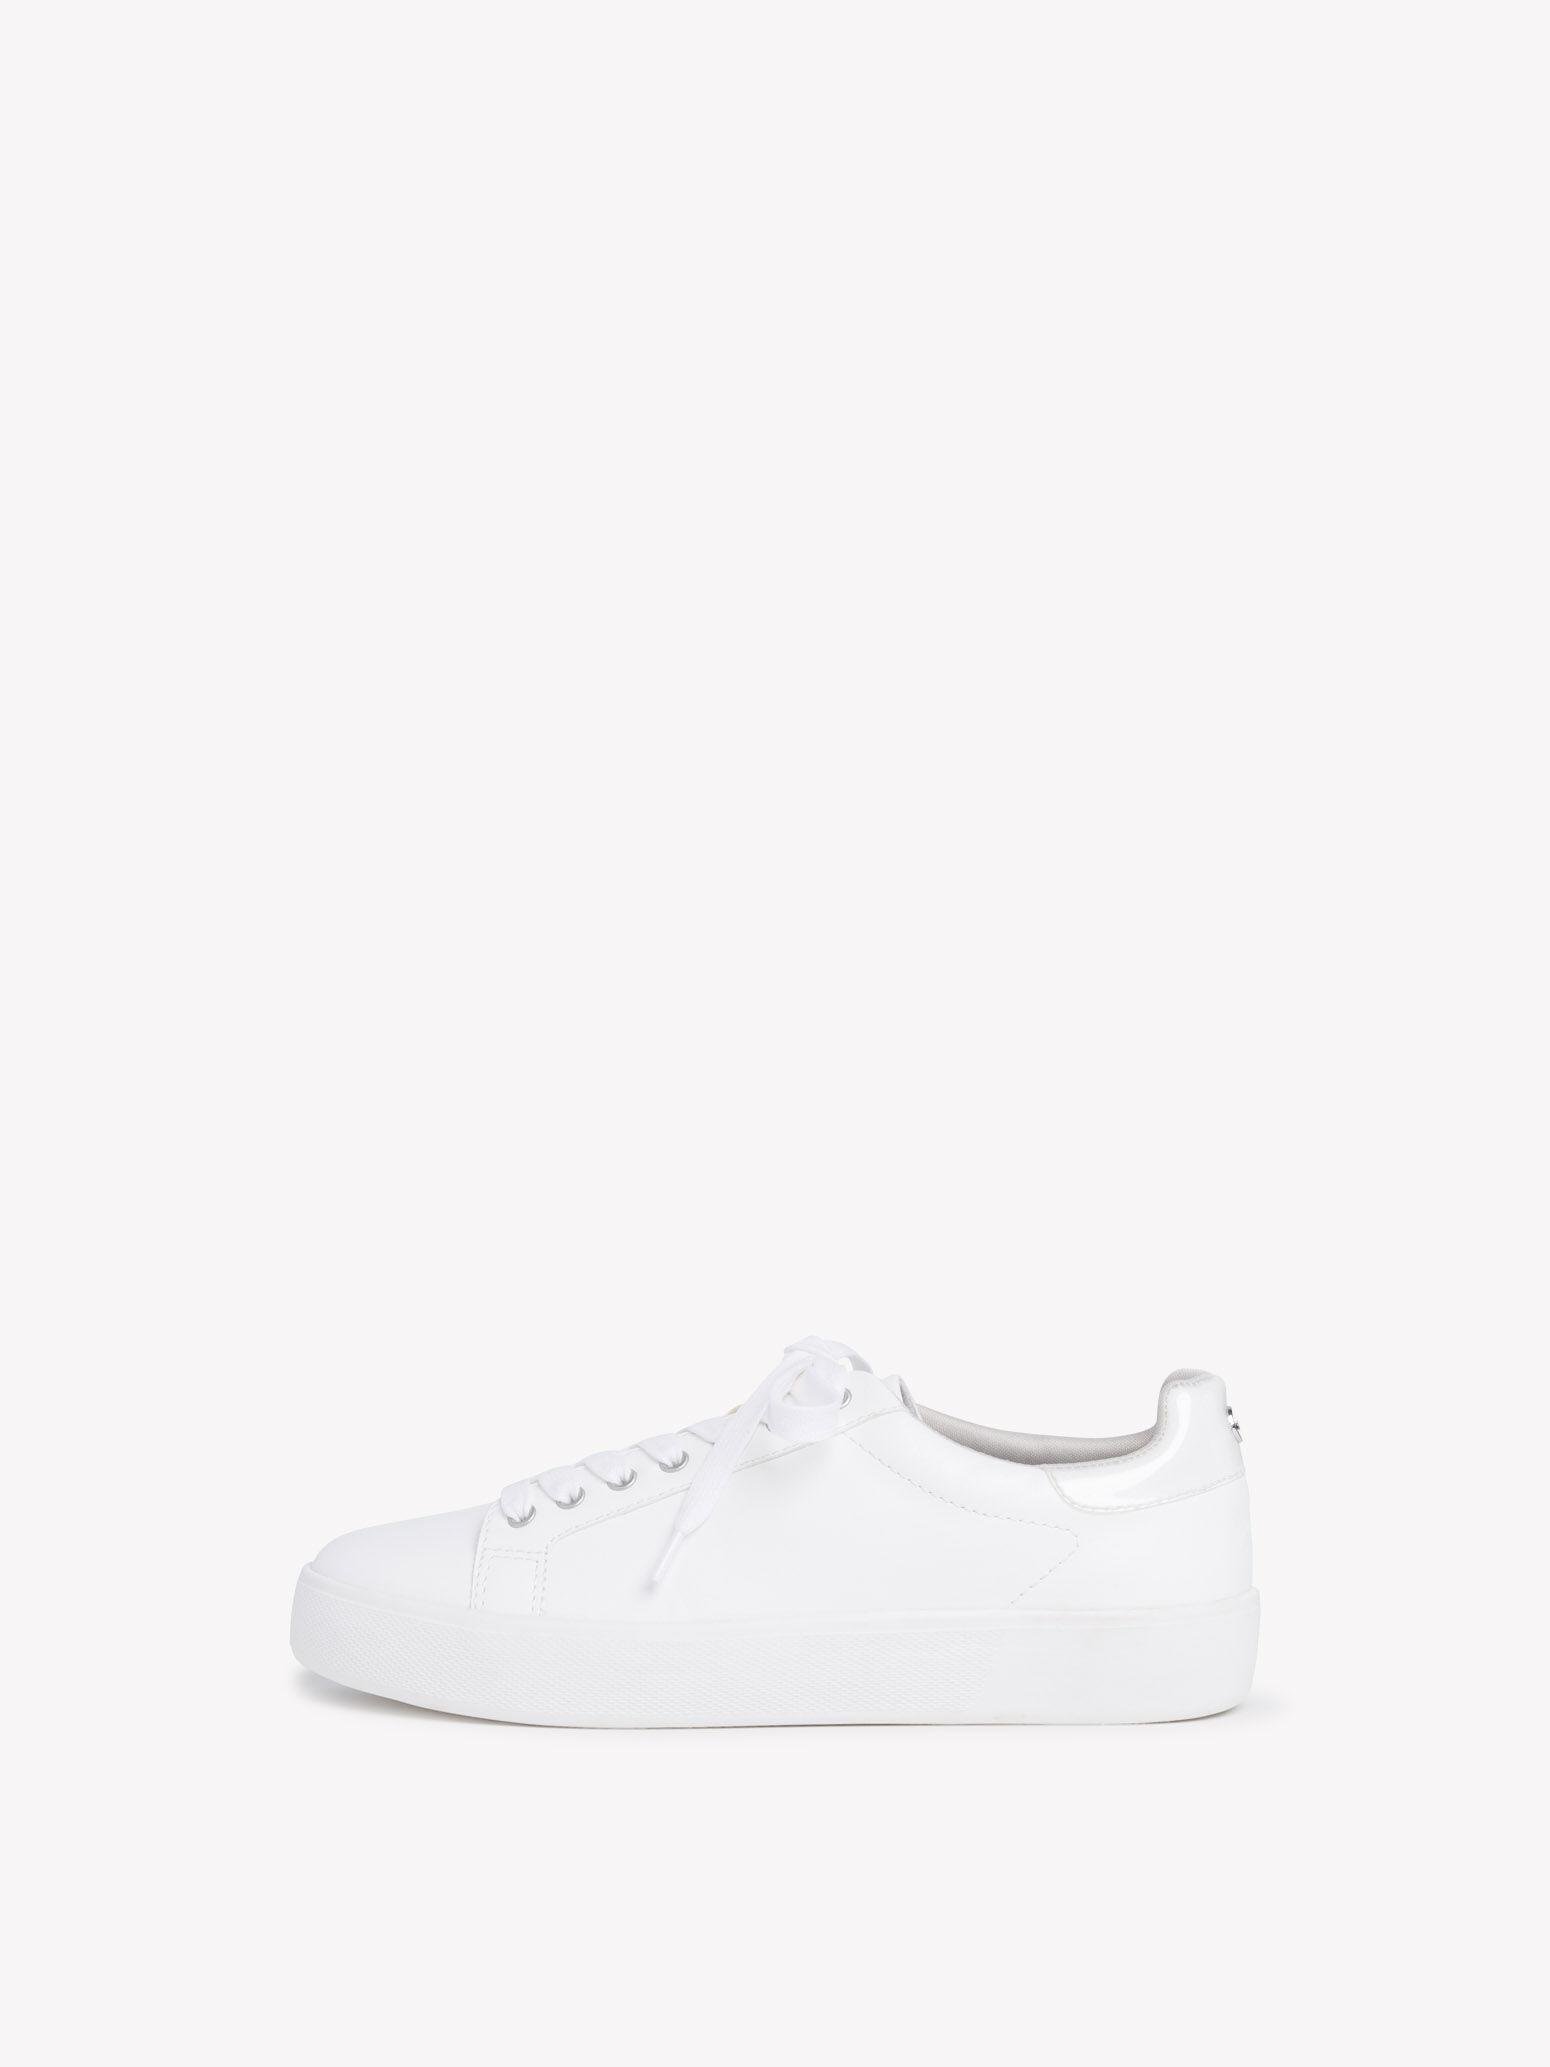 Tamaris Weiße Winterstiefel Stiefel weiß , Schuhgröße 42